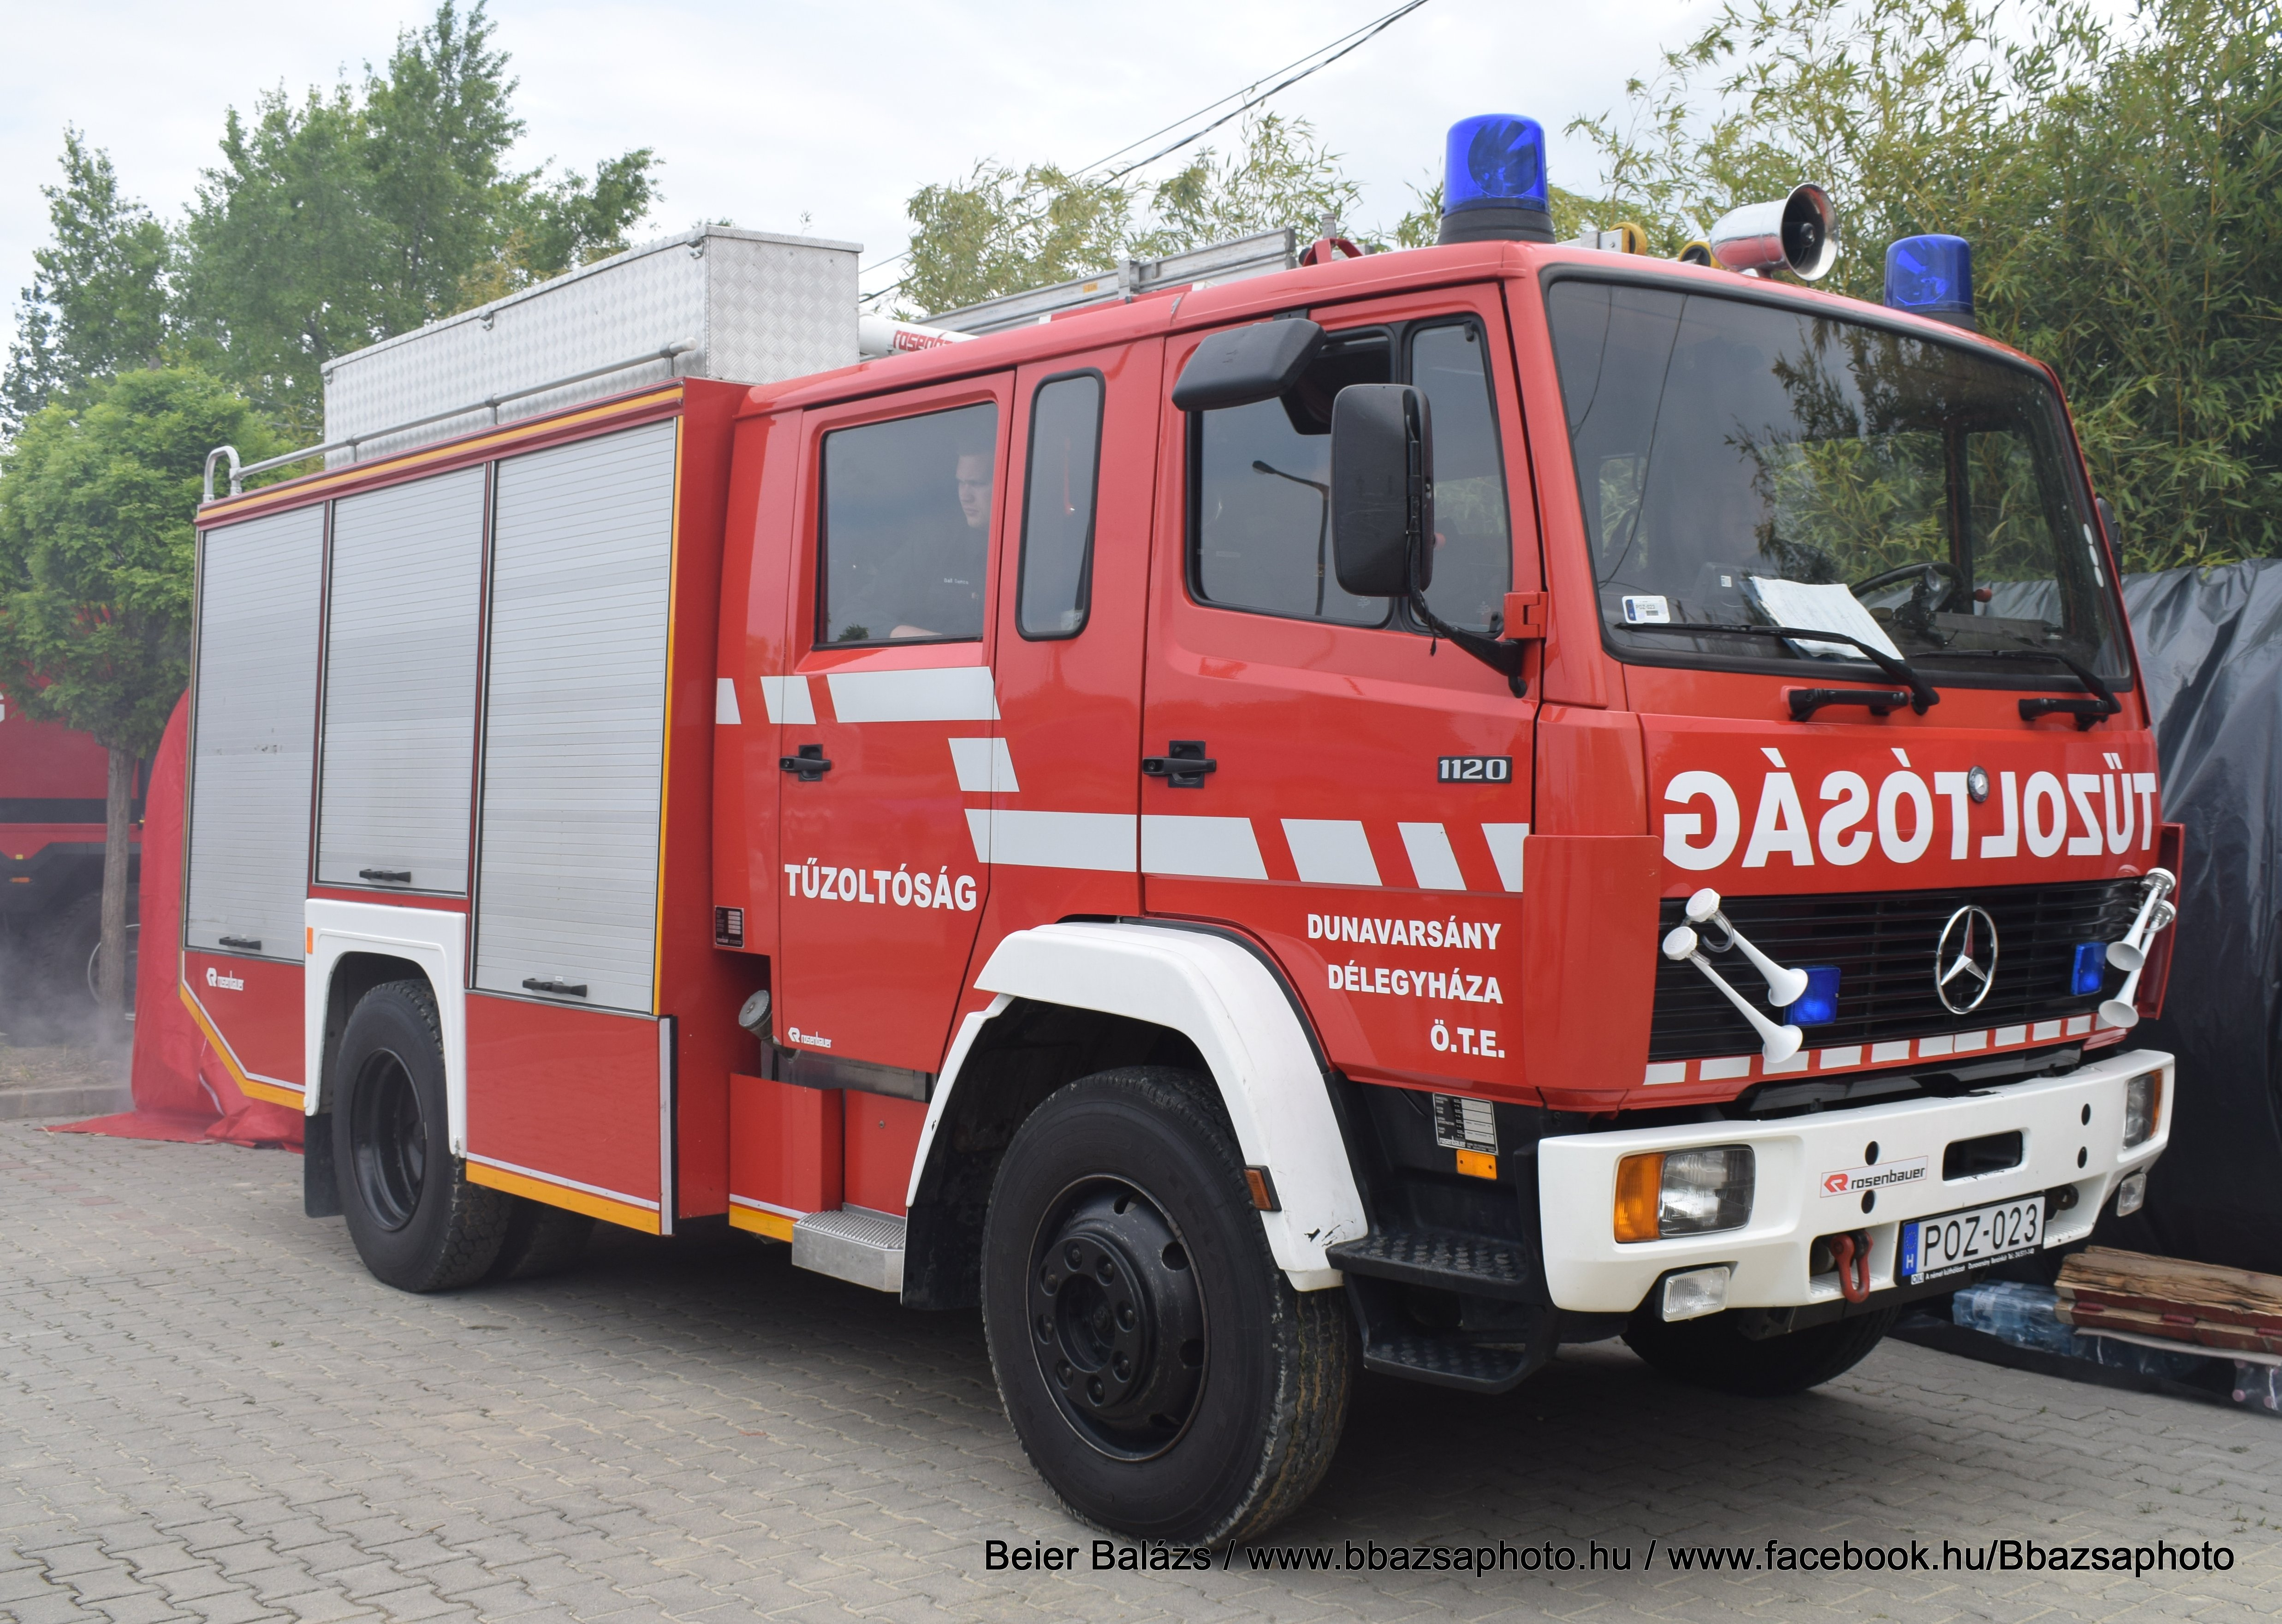 Mercedes 1120 Rosenbauer – Dunavarsány / Délegyháza ÖTE